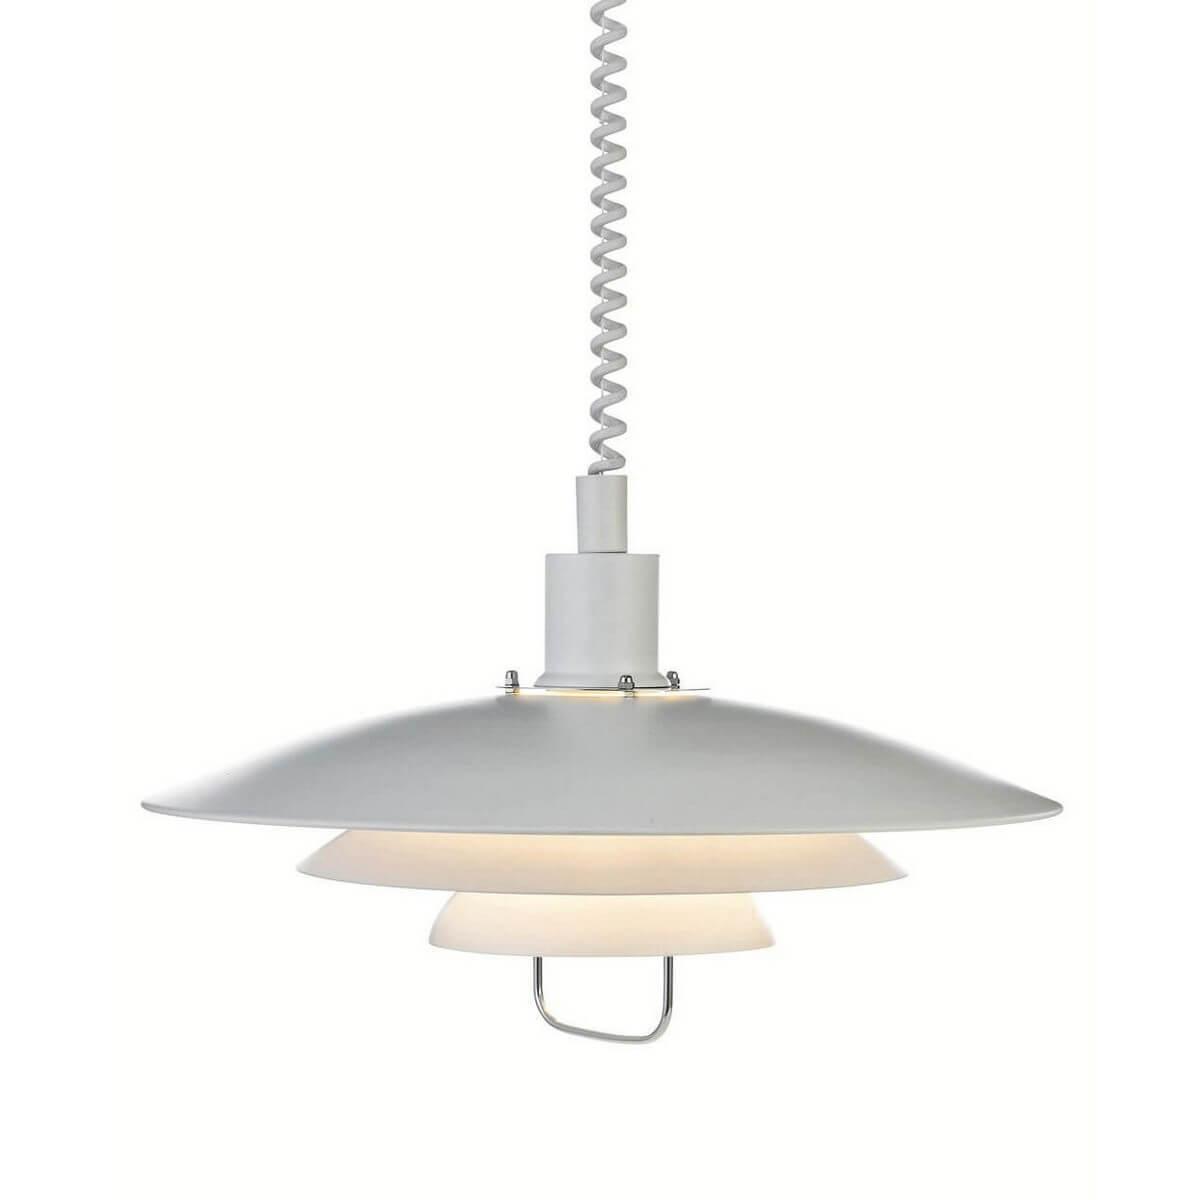 Светильник Markslojd 102281 Kirkenes цена 2017